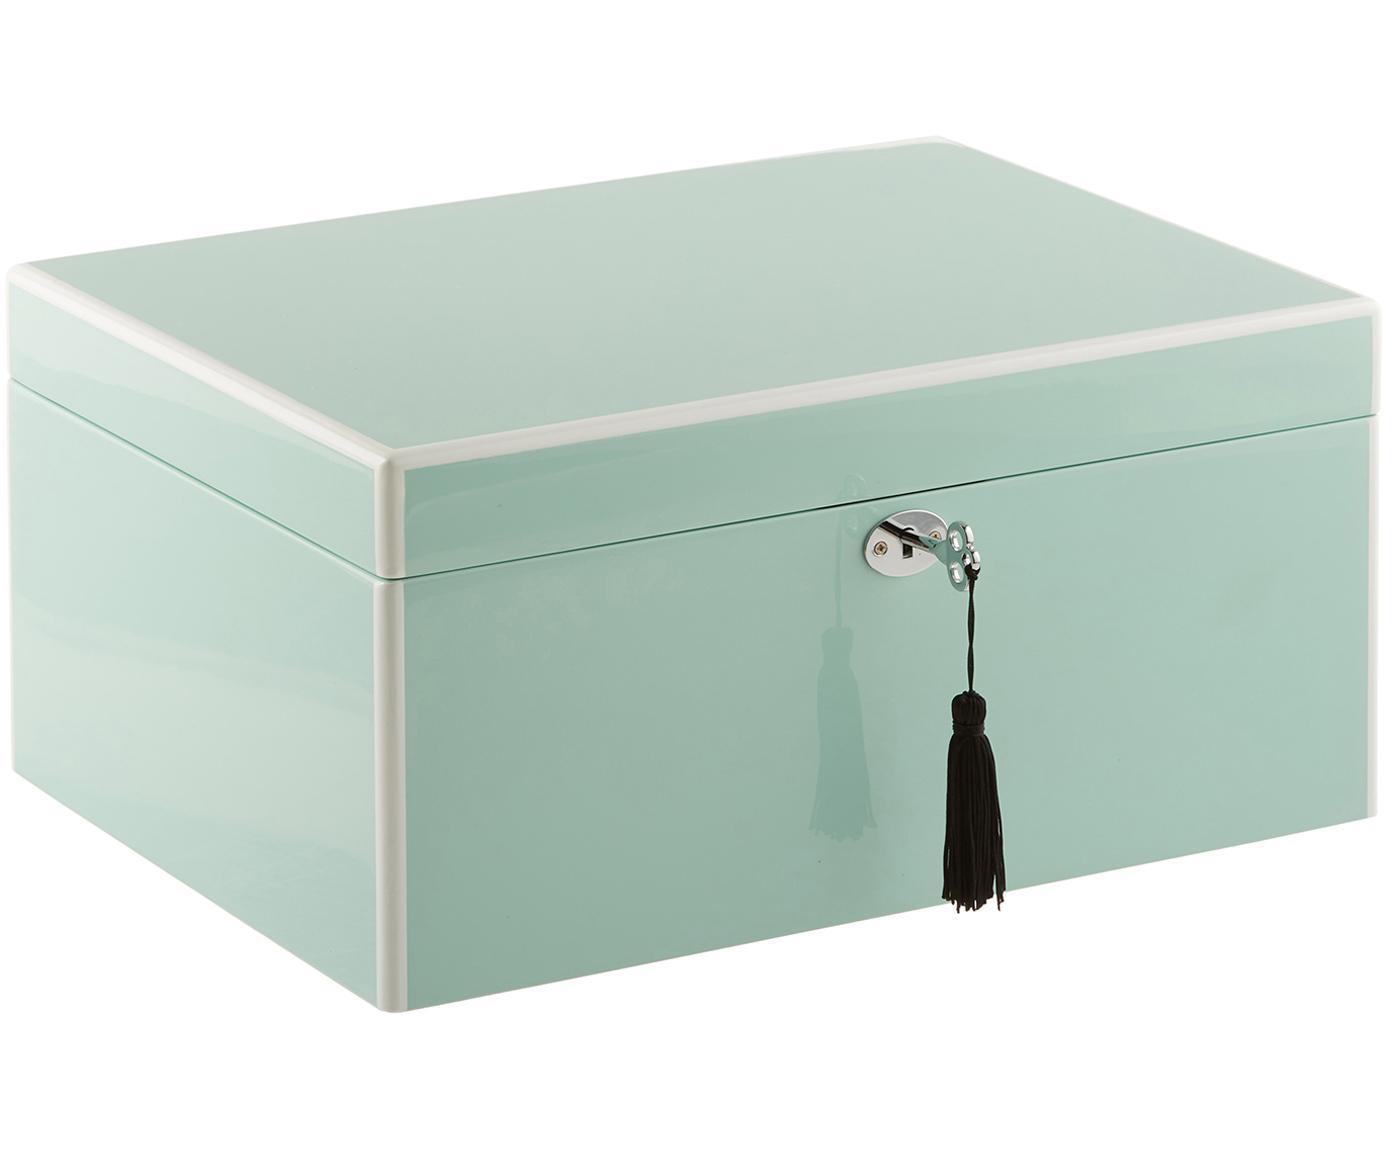 Schmuckbox Juliana mit Spiegel, Kästchen: Mitteldichte Holzfaserpla, Unterseite: Samt zur Schonung der Möb, Türkis mit weißer Kante, 31 x 23 cm